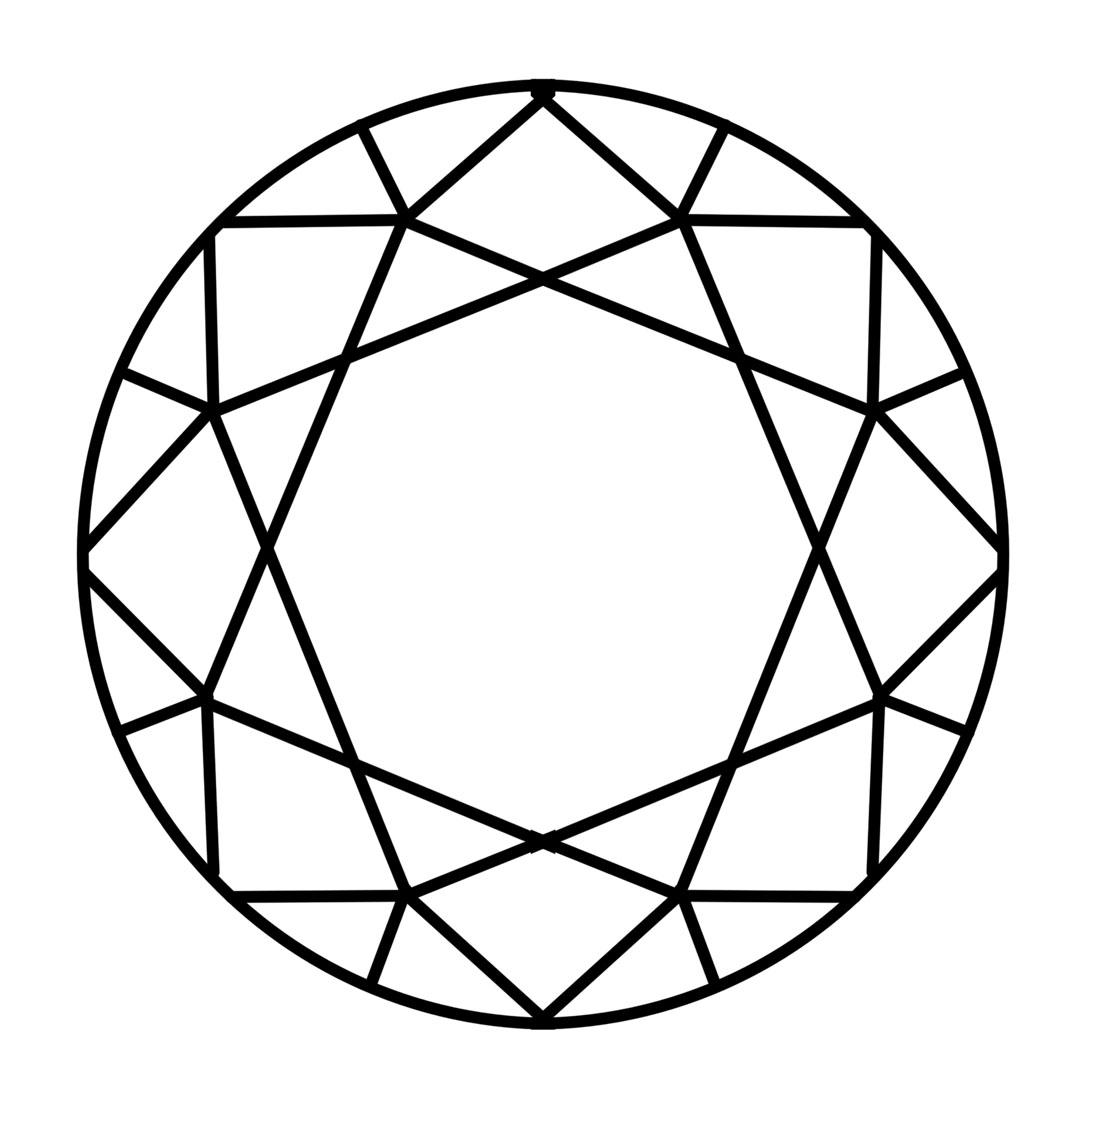 Outline Of A Diamond Shape